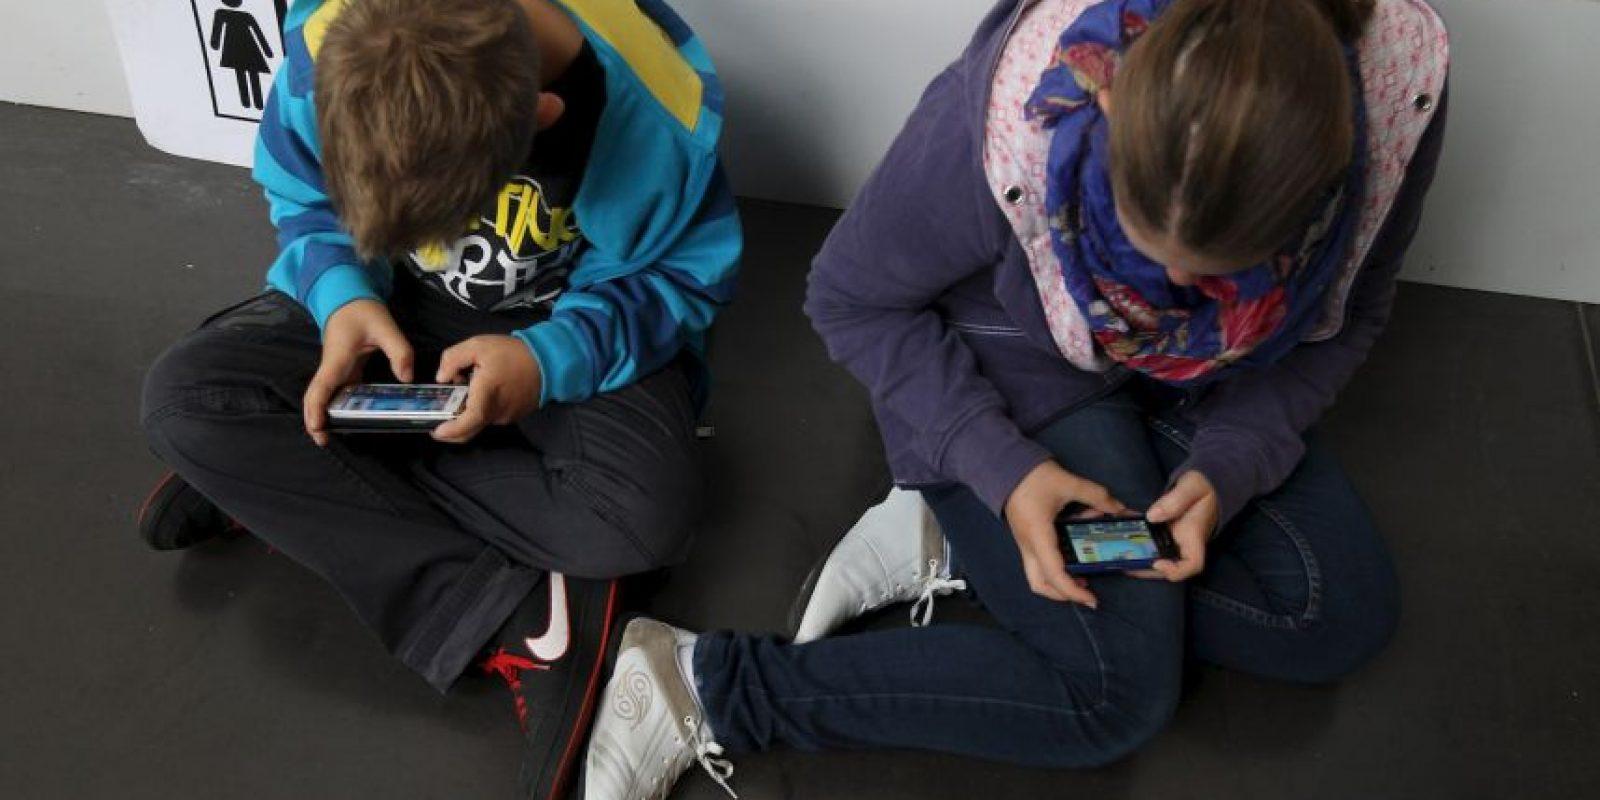 Un pedófilo fue detenido por mandar un video con pornografía infantil. Foto:Getty Images